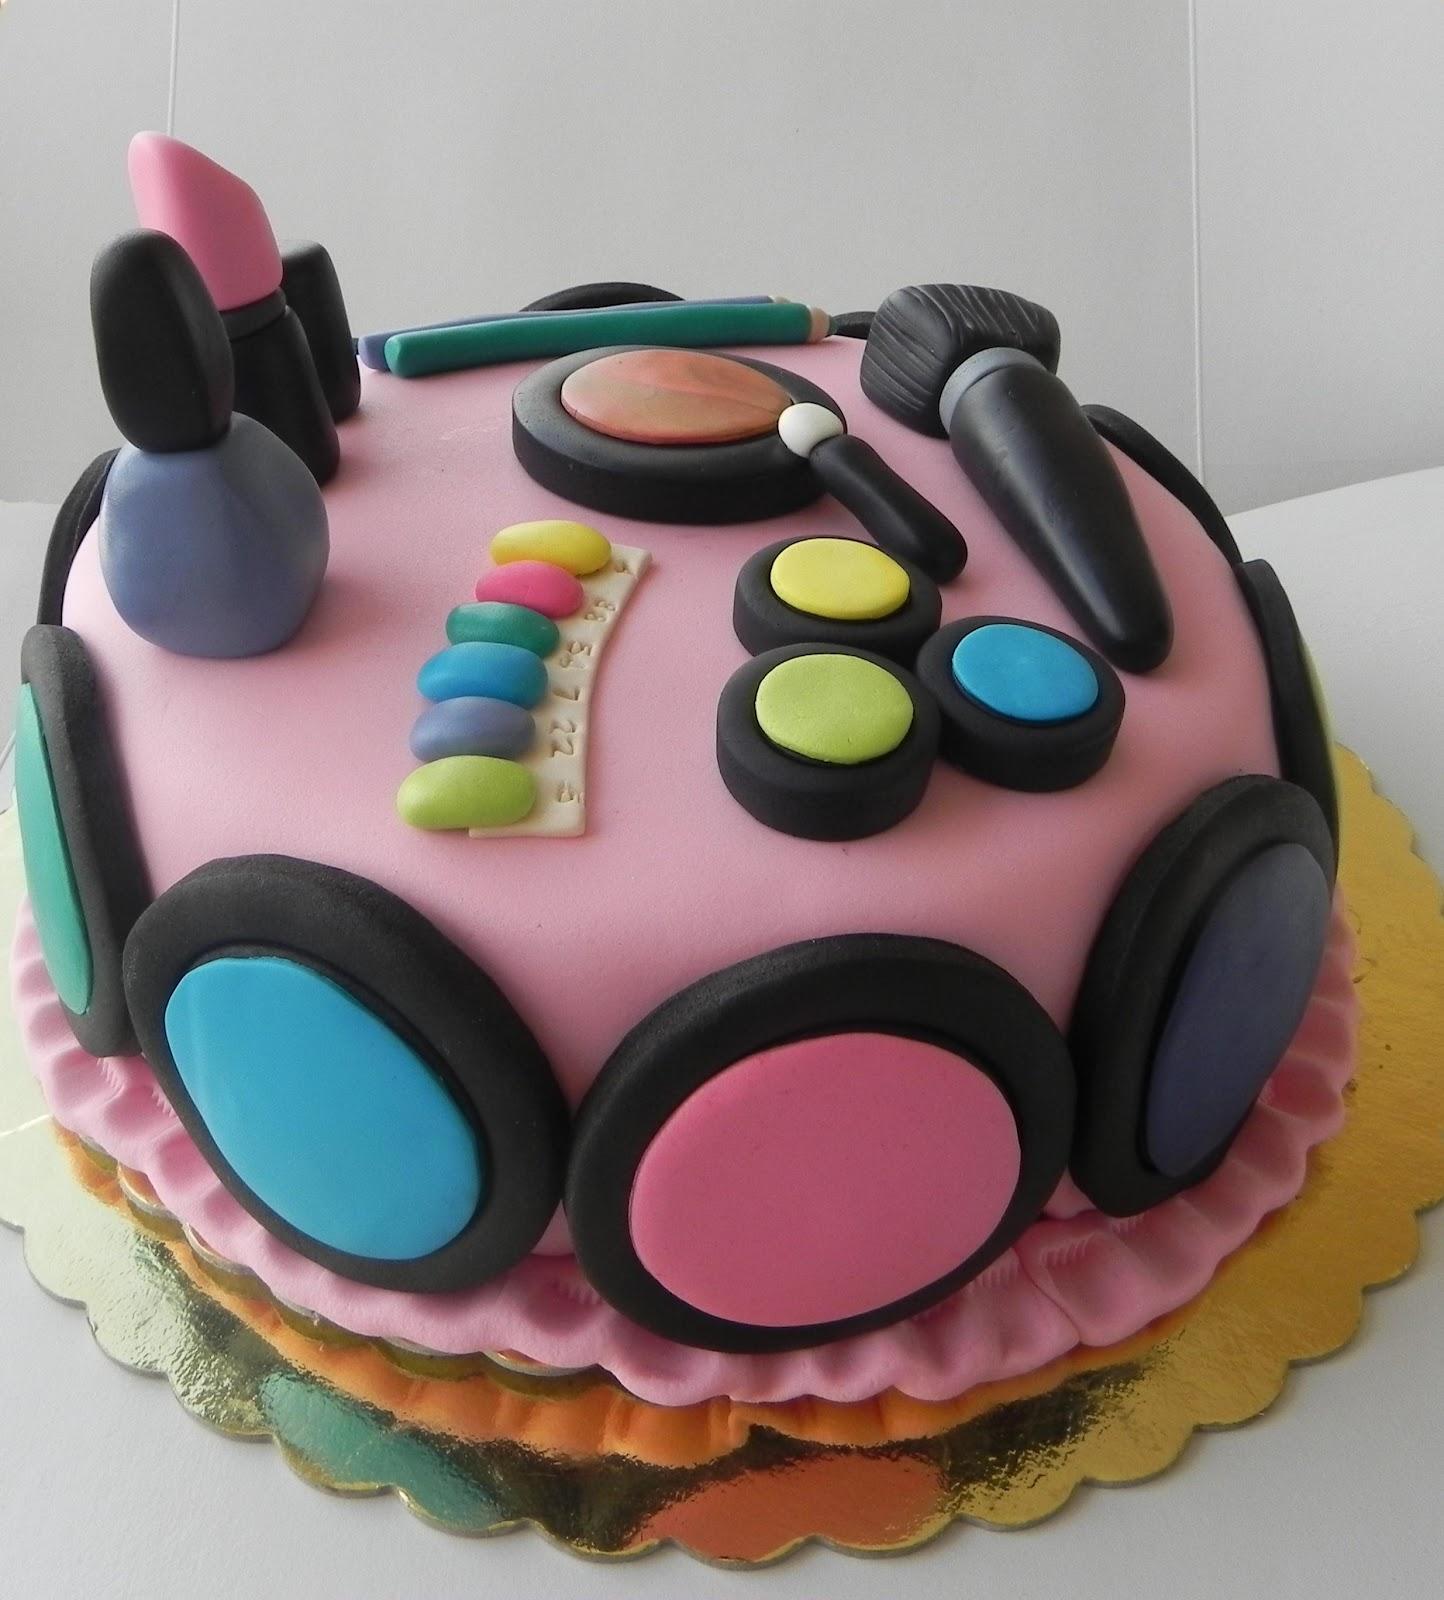 Makyaj pastası